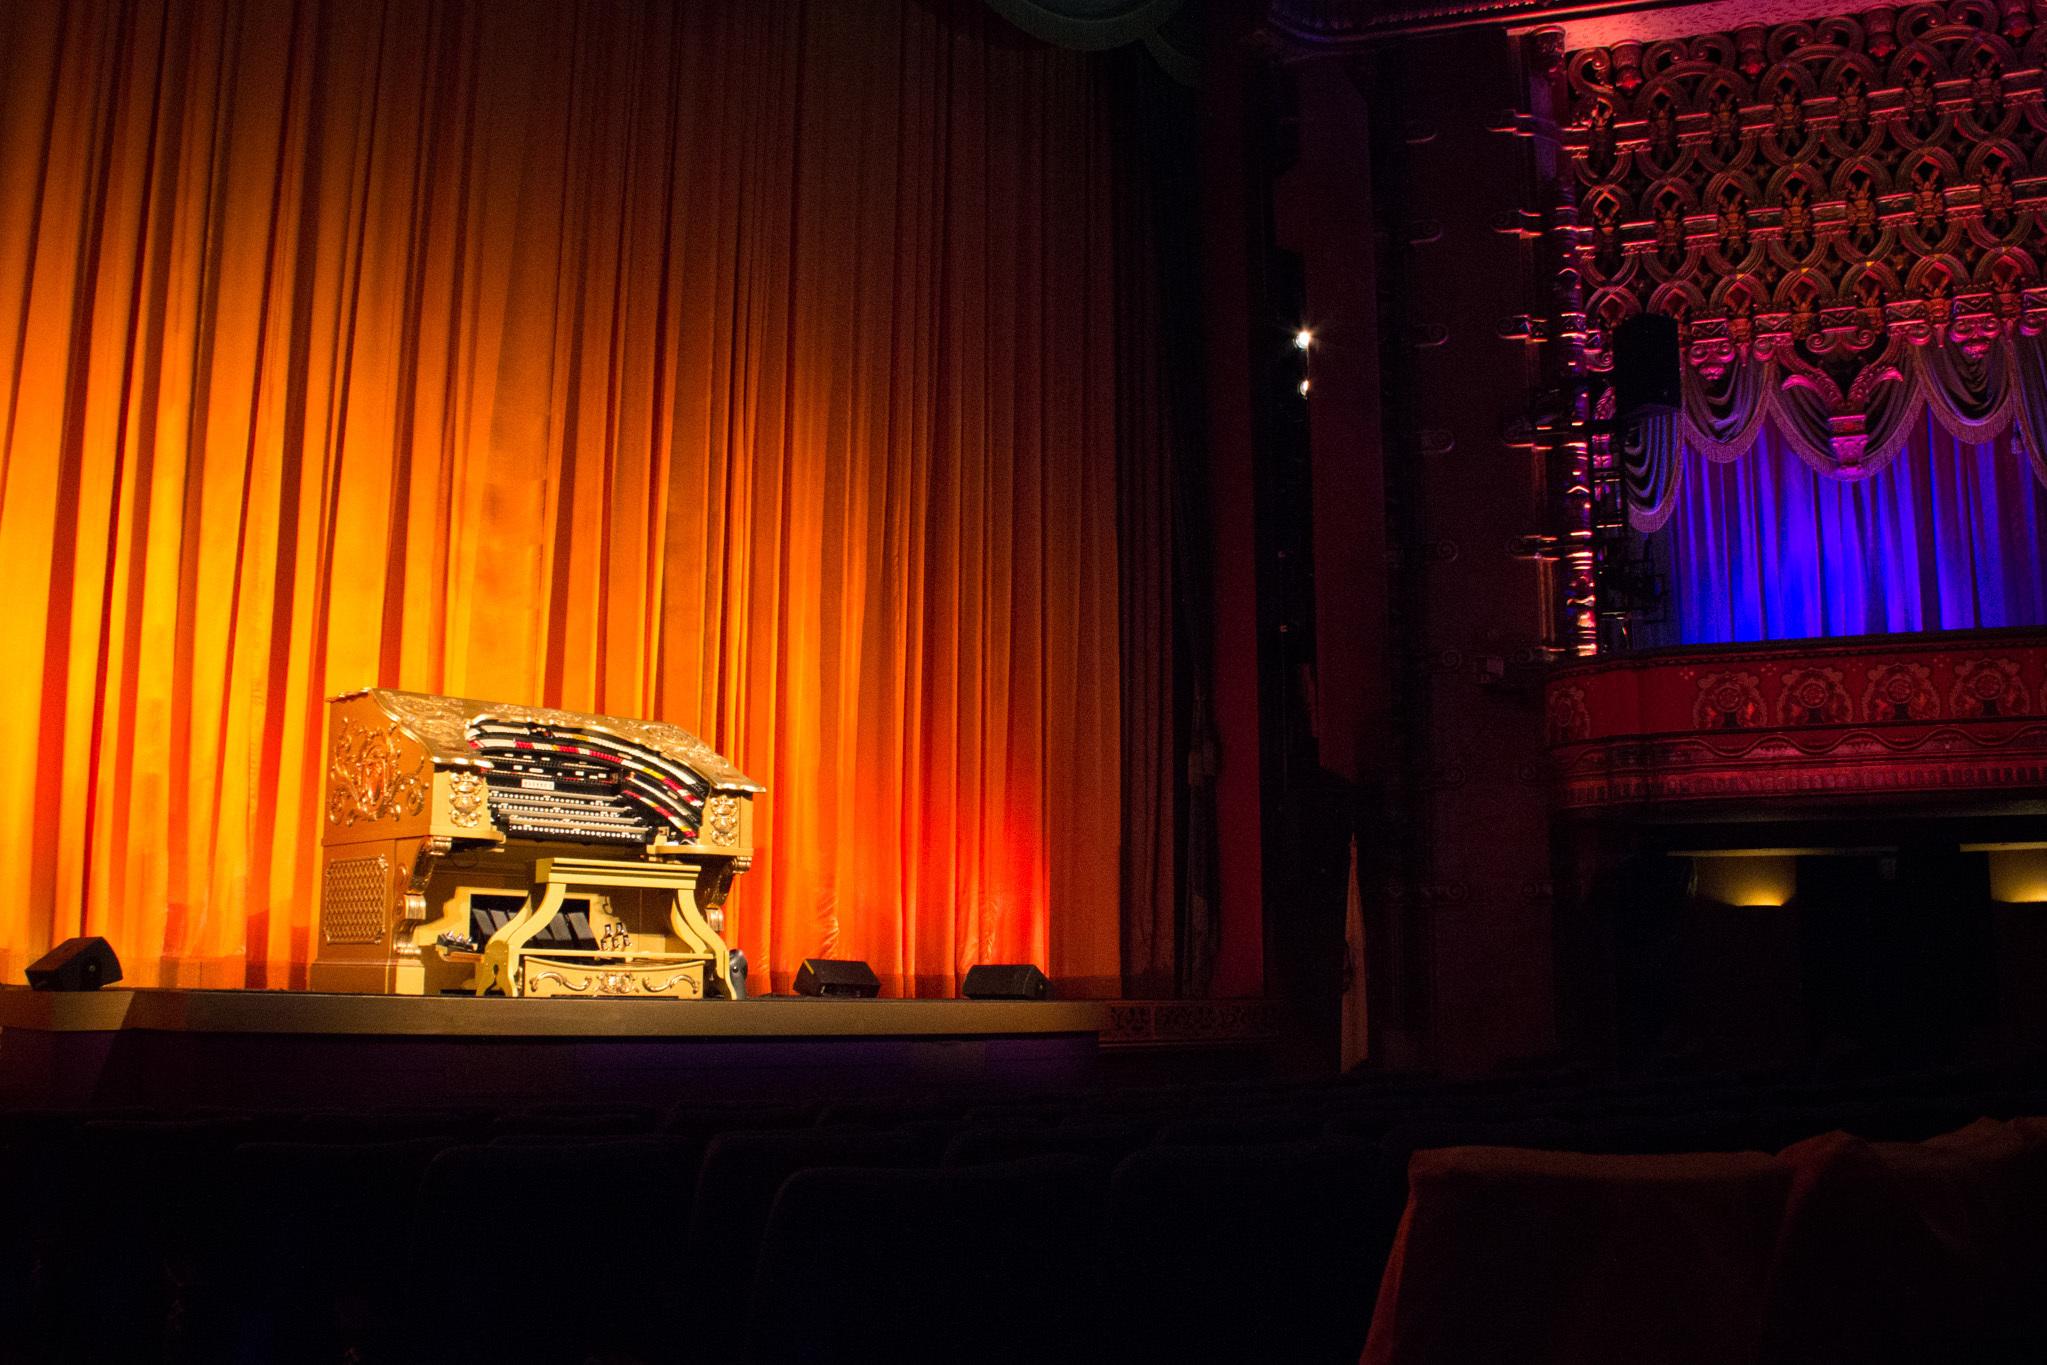 El Capitan Theatre.